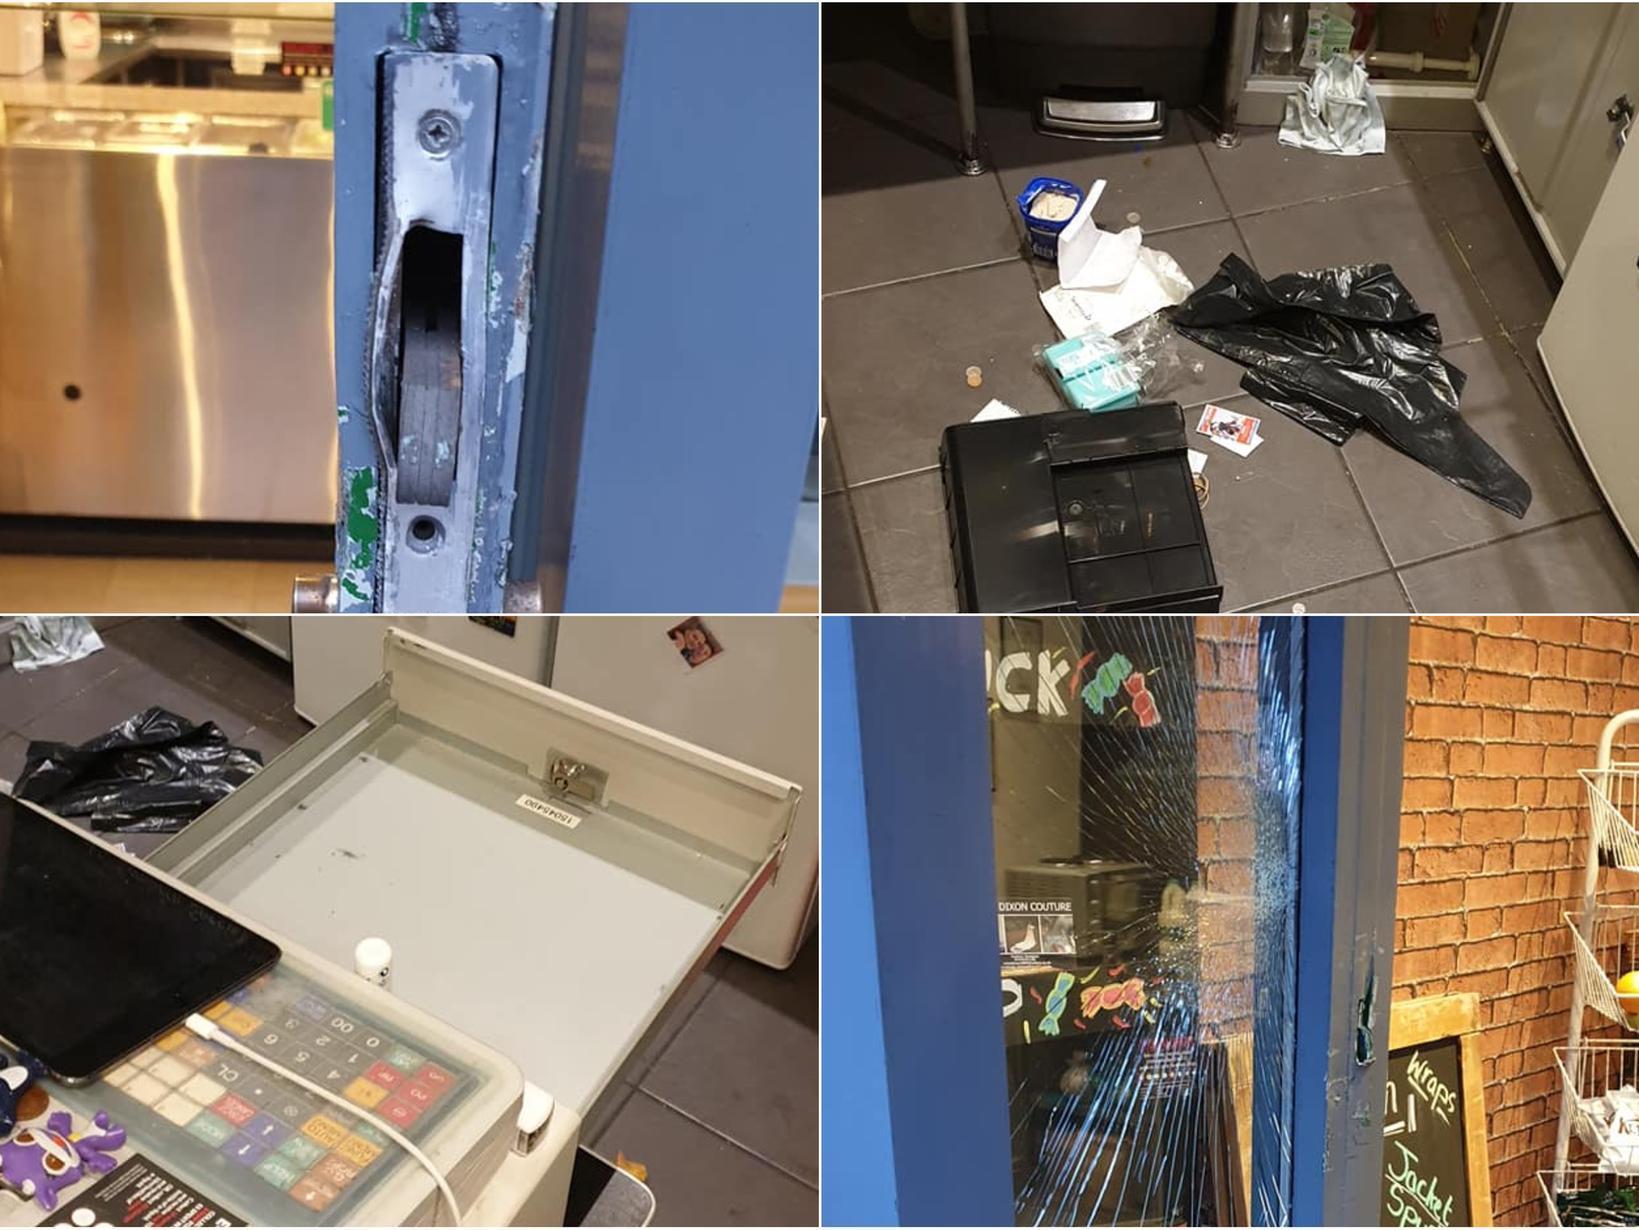 Independent Leeds sandwich shop ransacked in burglary leaving owners 'heartbroken'